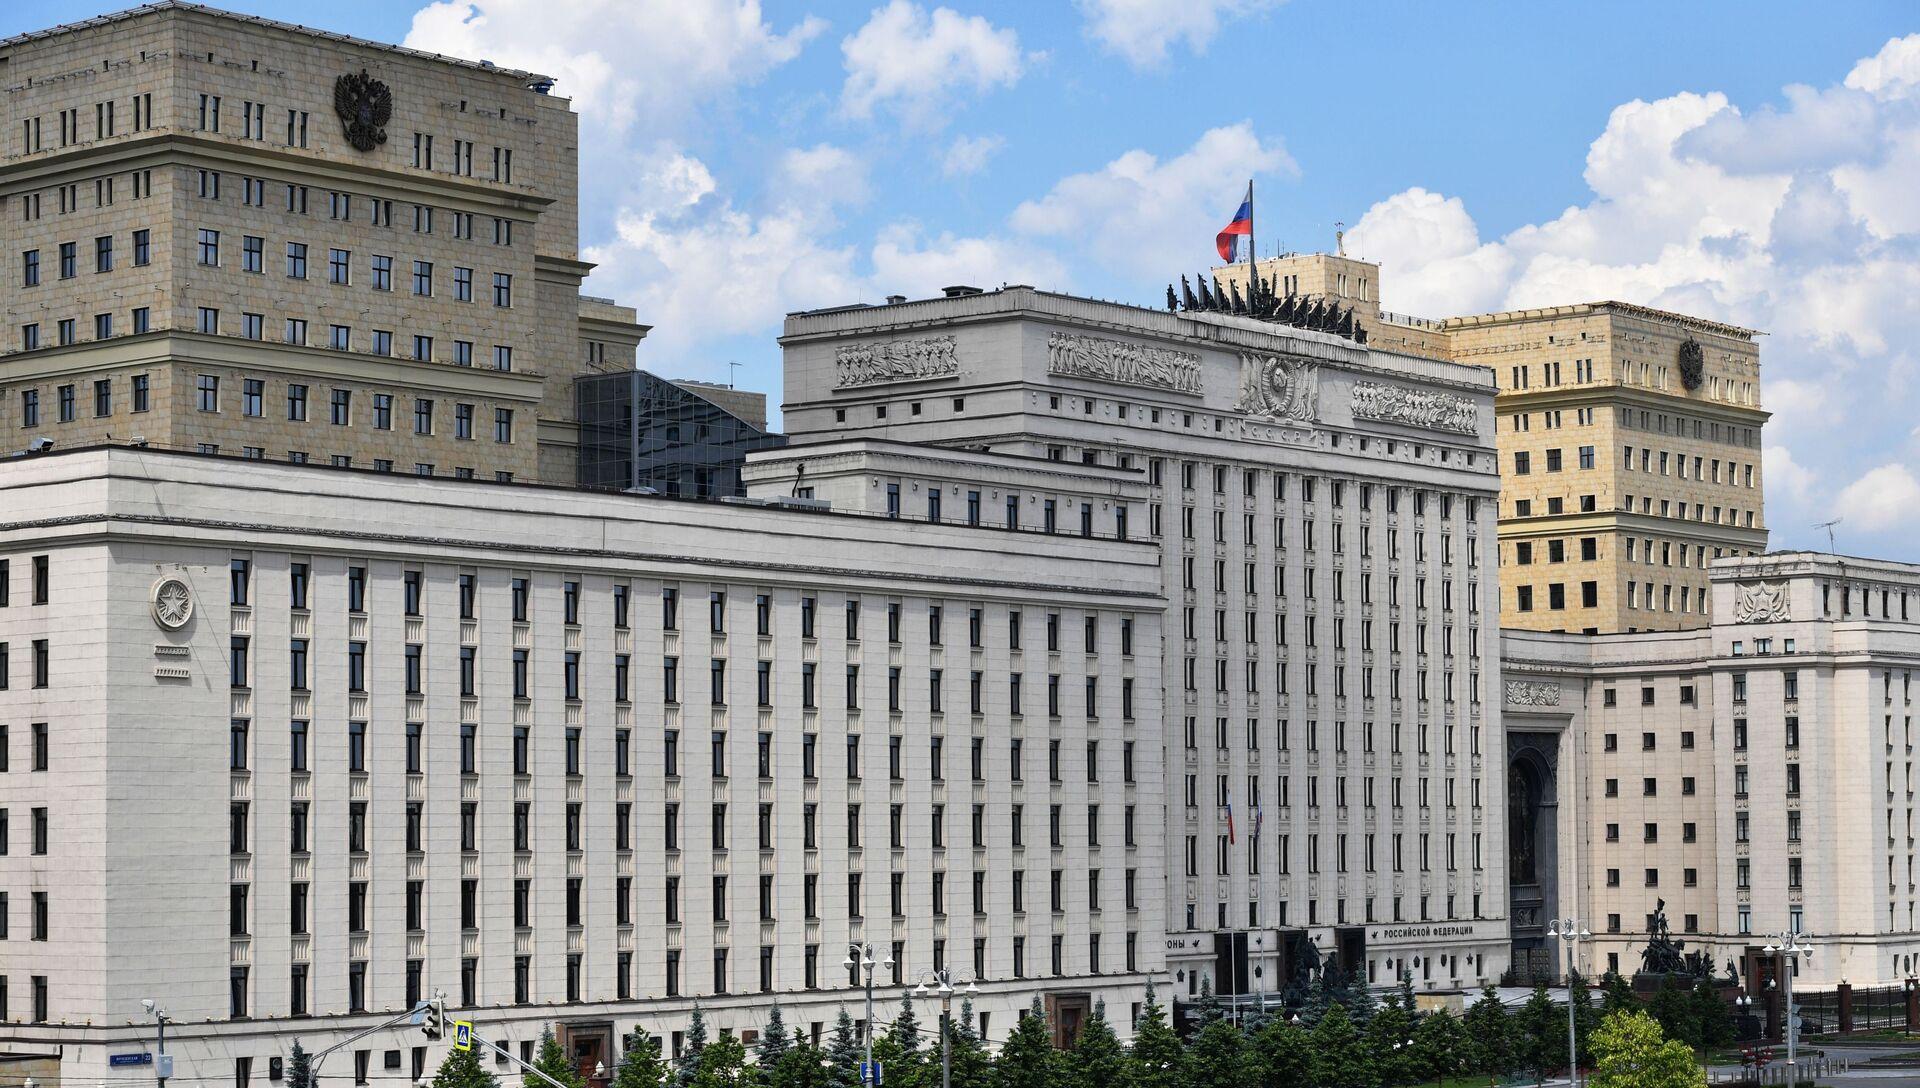 Здание Министерство обороны Российской Федерации на Фрунзенской набережной в Москве - РИА Новости, 1920, 23.06.2021